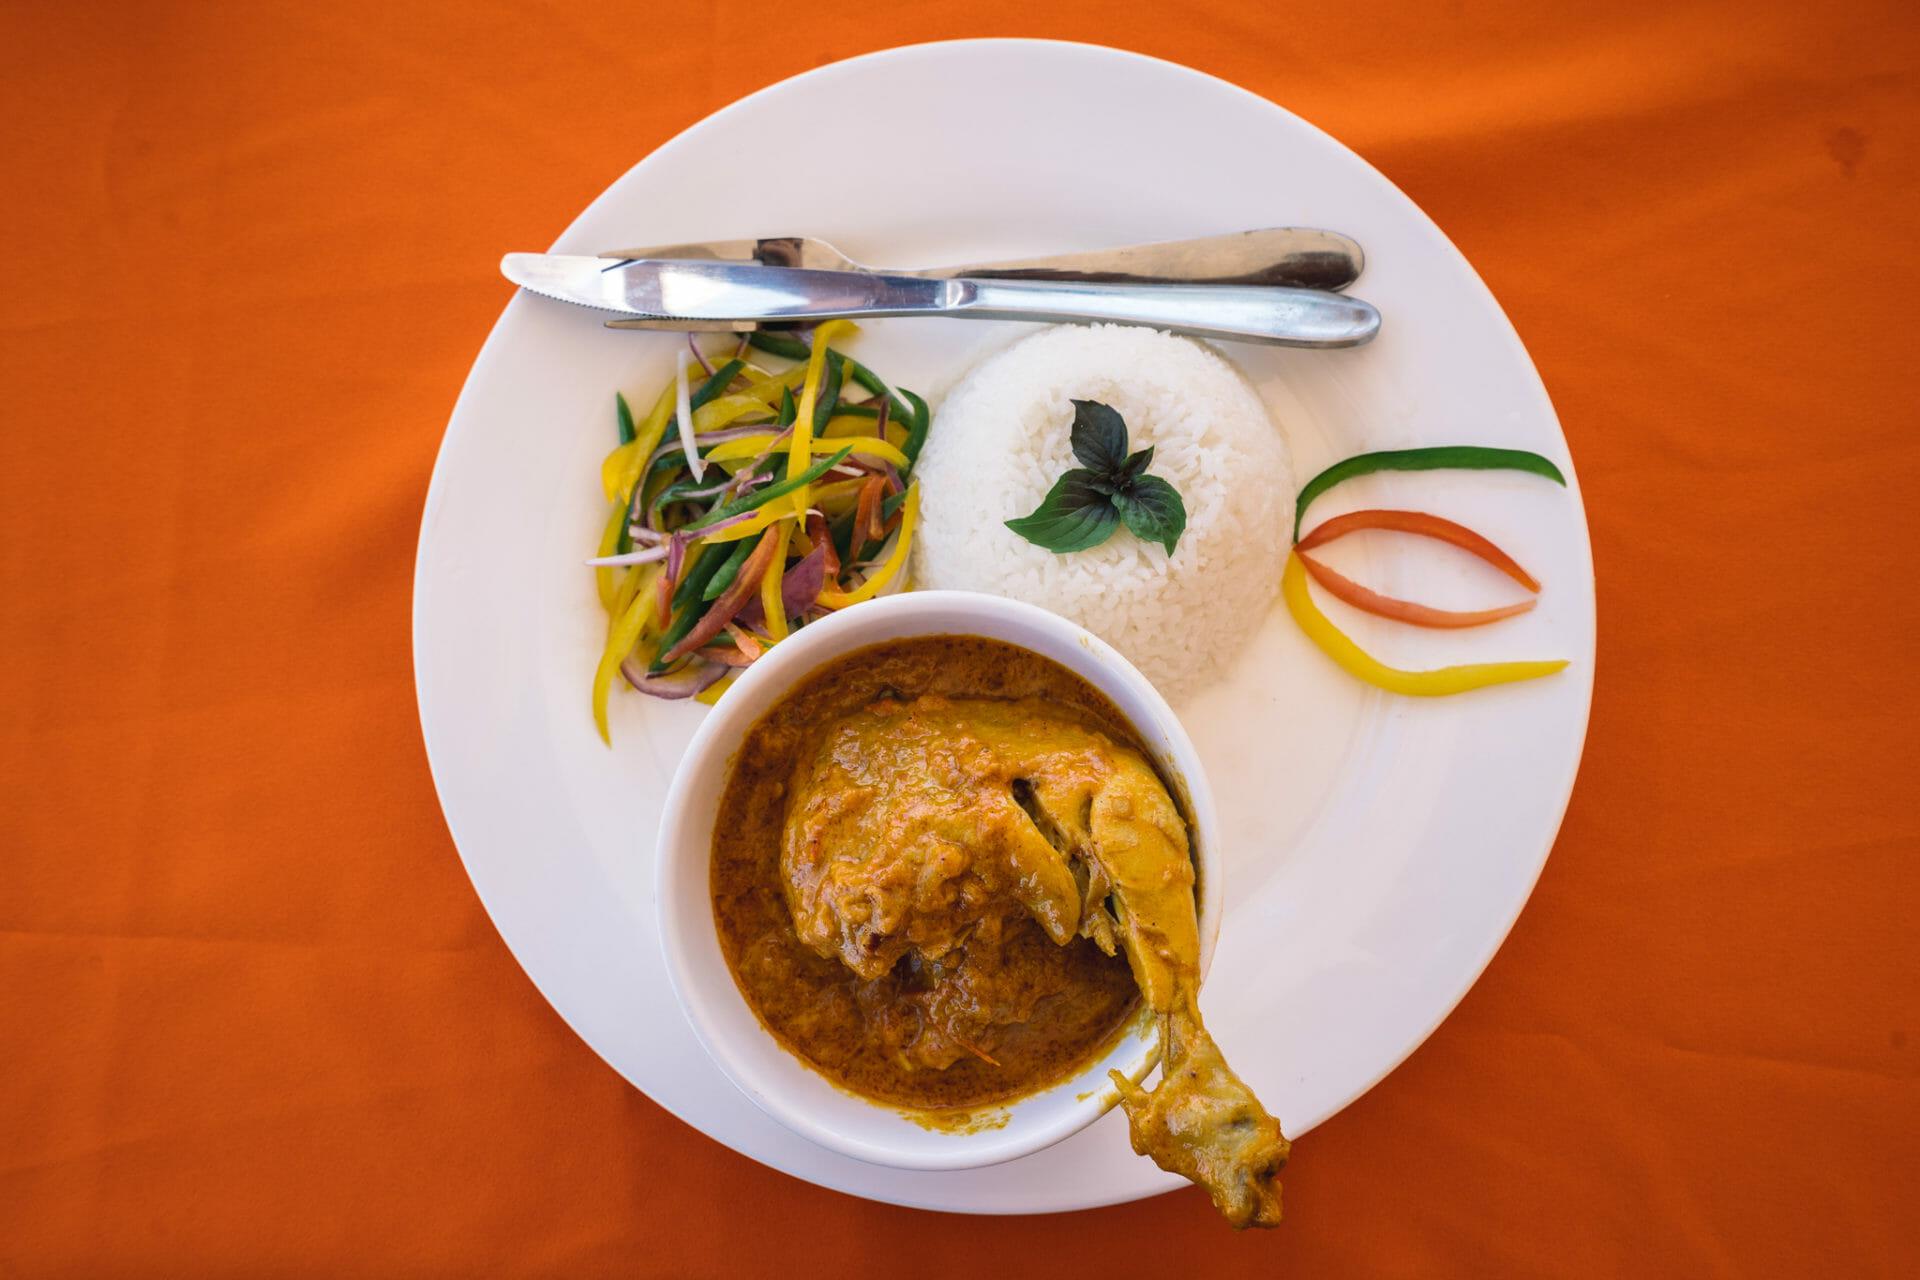 kuku-paka-kijiji-restaurant-paje-zanzibar-cours-cuisine